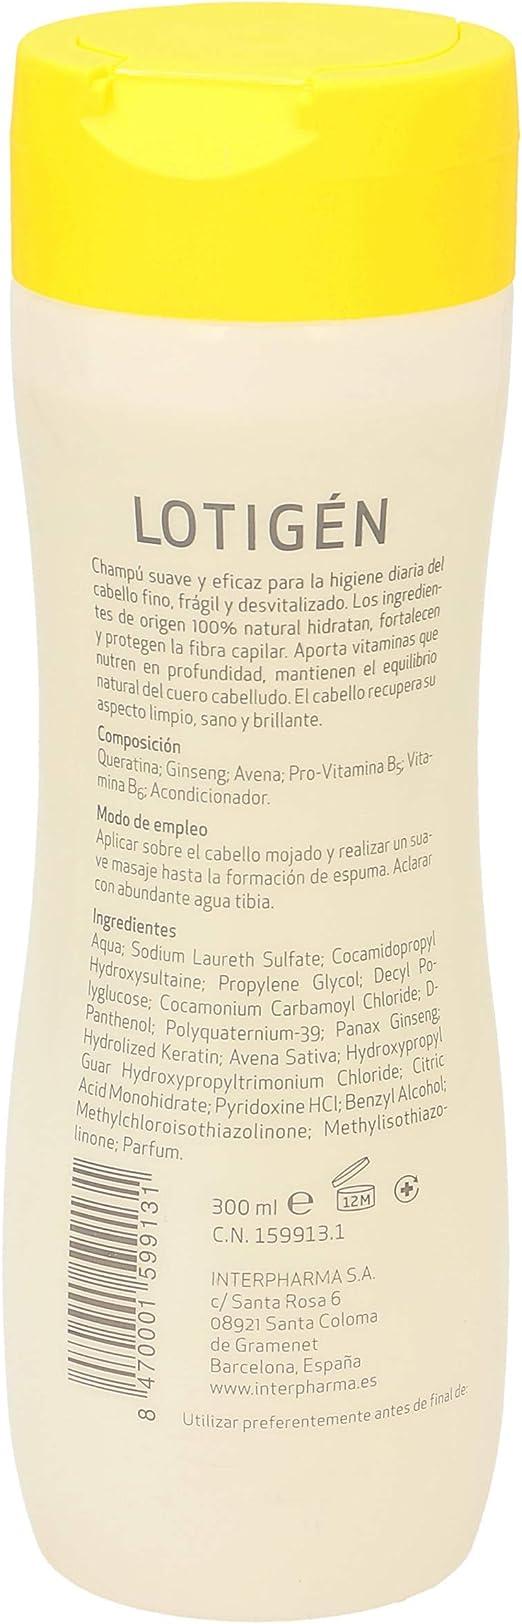 Lotigen Productos Para El Cuidado Del Cabello 1 Unidad 300 Ml: Amazon.es: Belleza